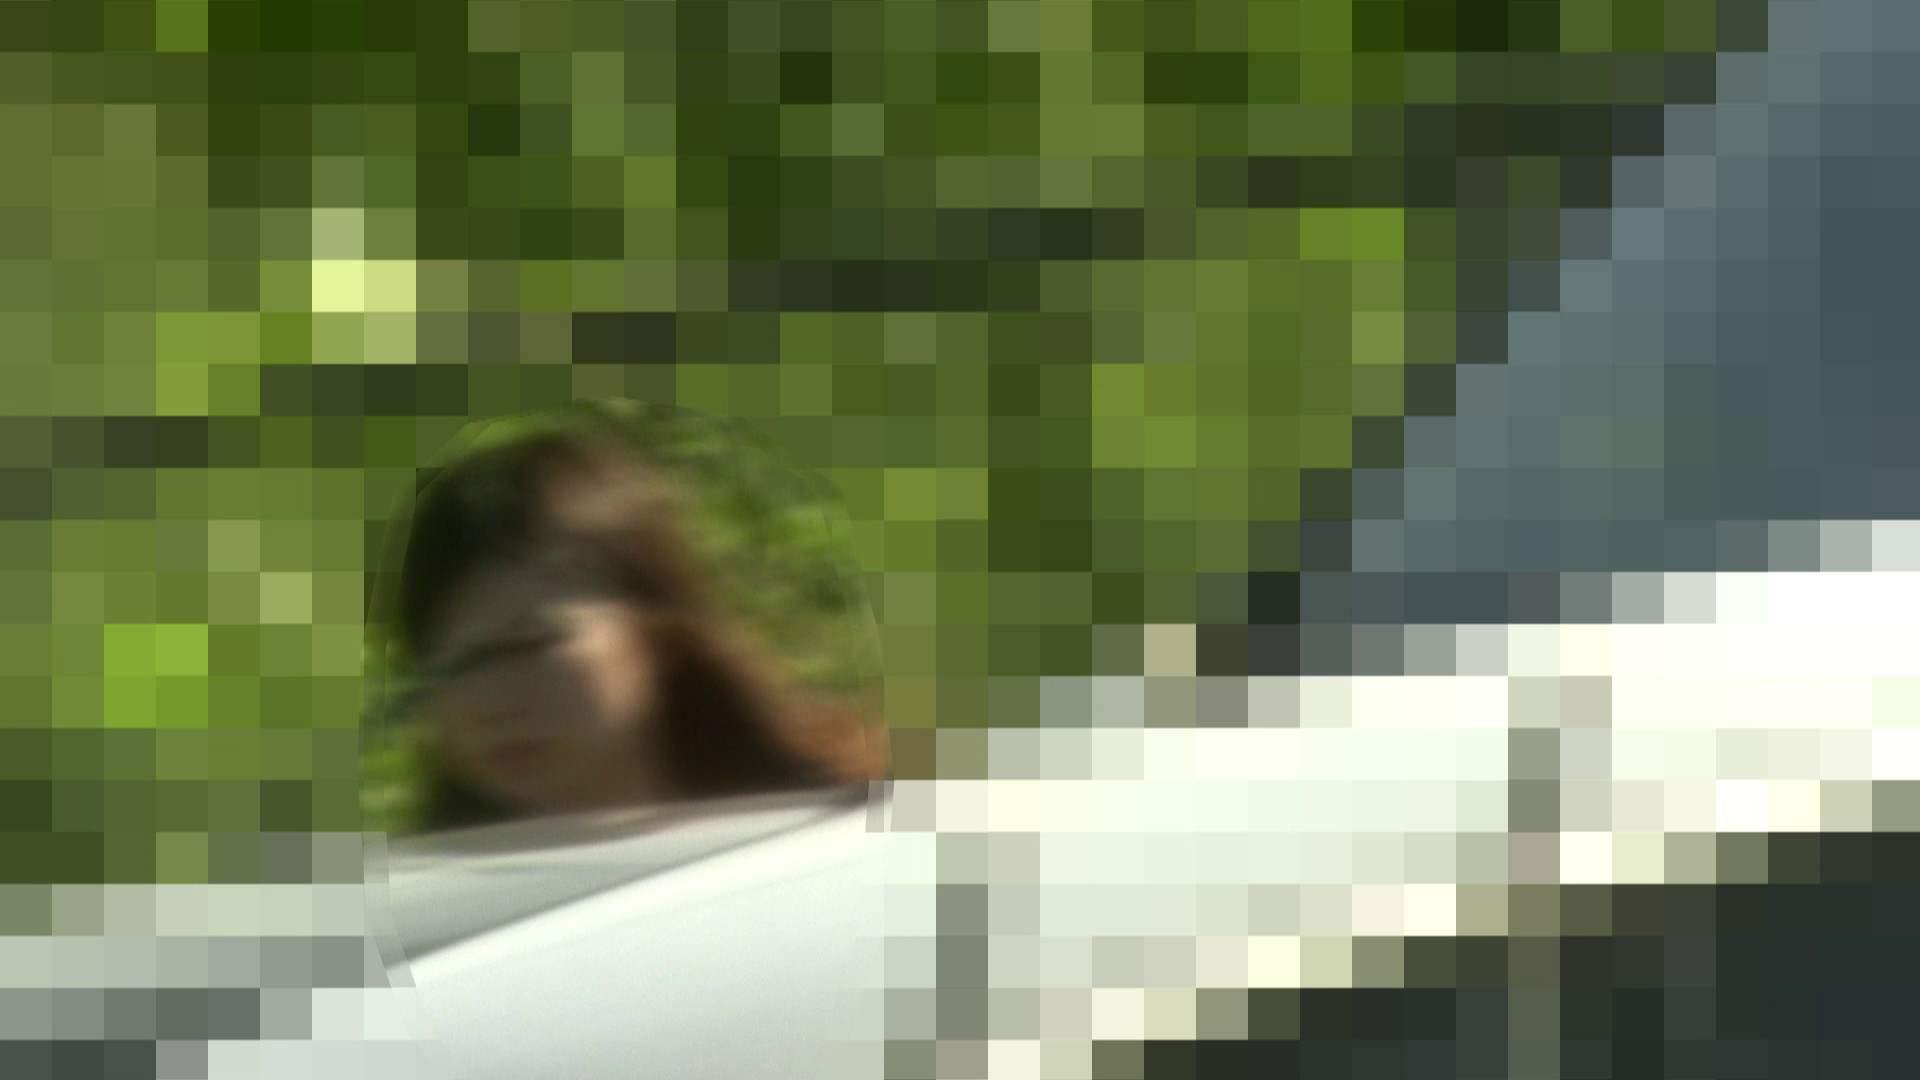 Aquaな露天風呂Vol.183 露天 オメコ動画キャプチャ 69画像 2